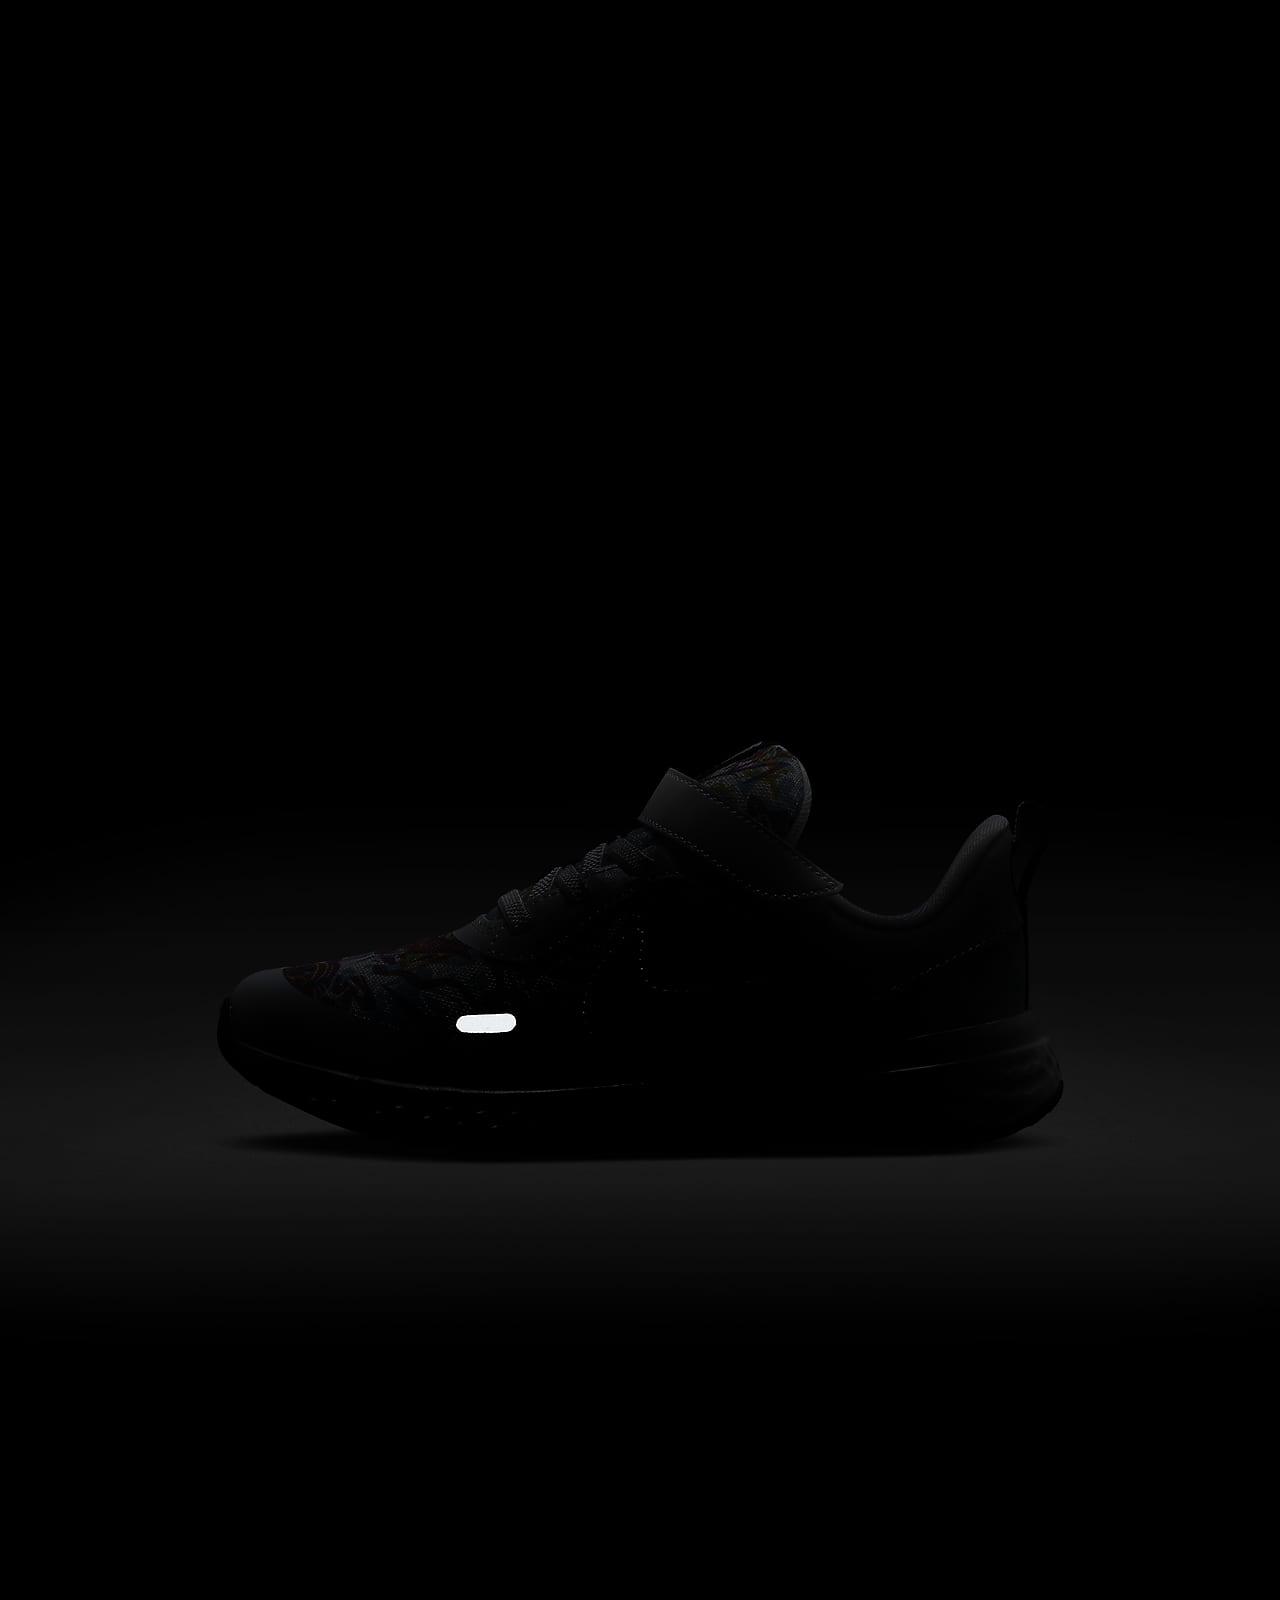 Chaussure Nike Revolution 5 Fable pour Jeune enfant